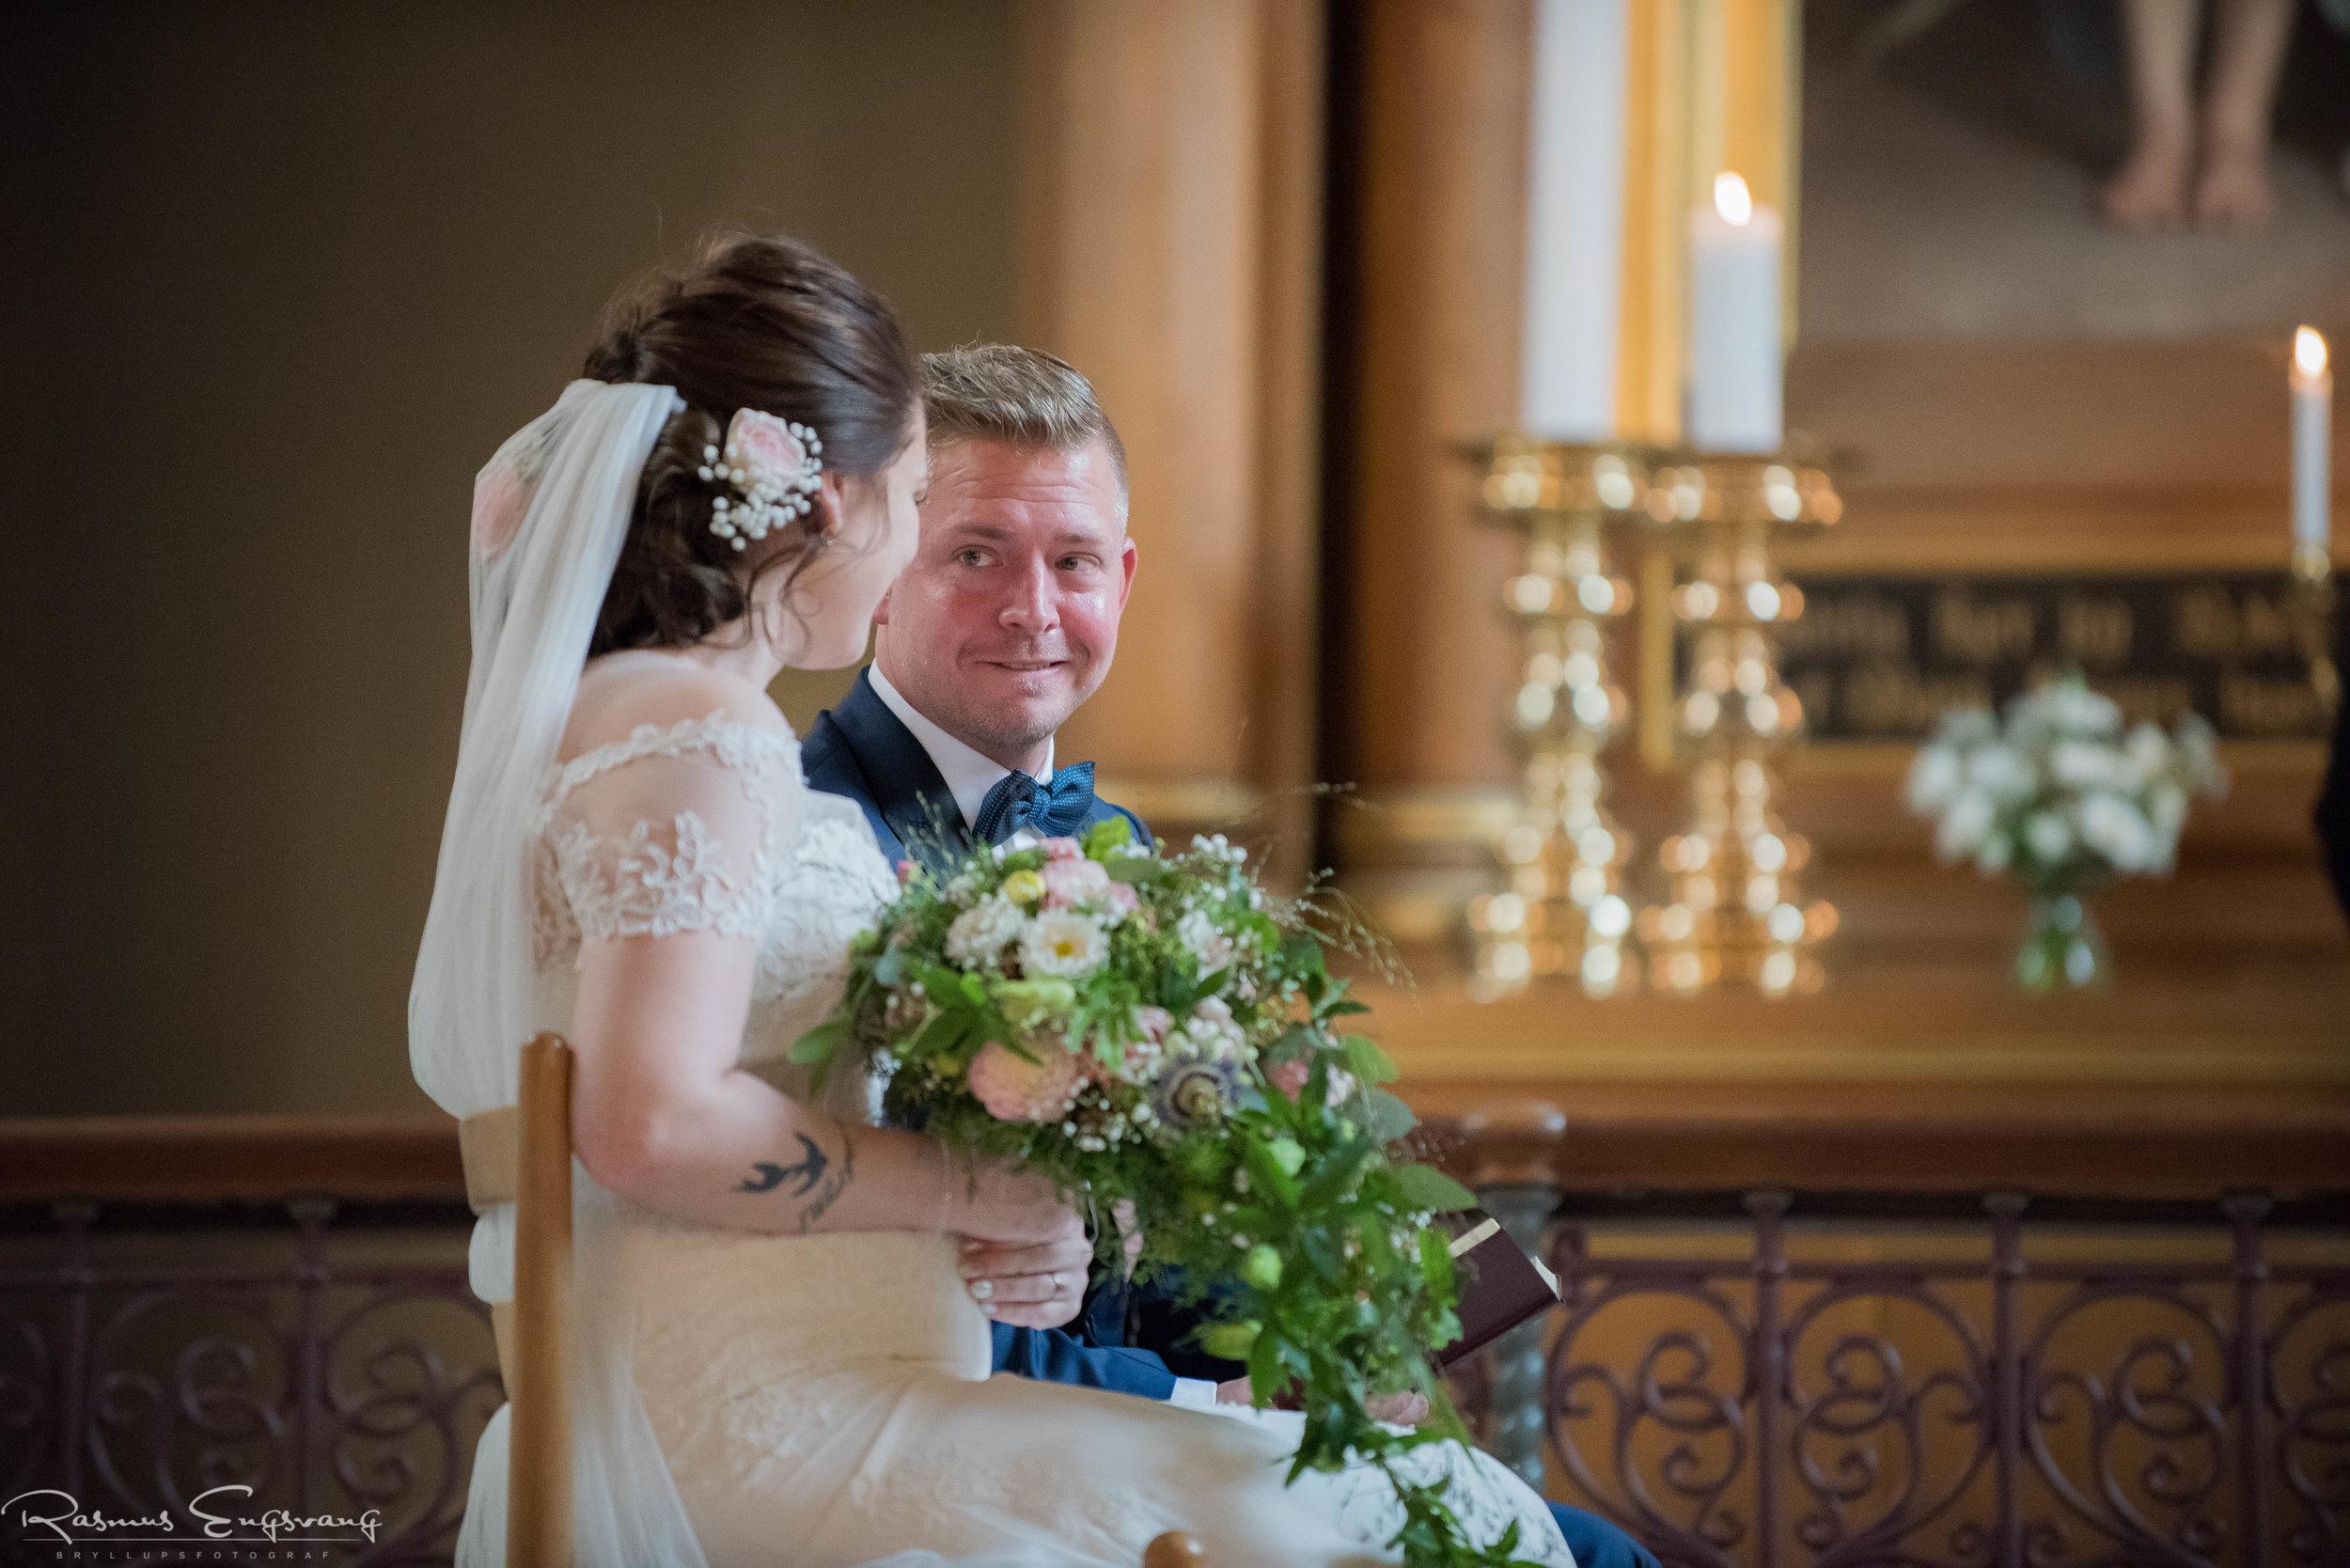 Bryllupsfotograf_Holbæk_Ringsted_Sjælland-108.jpg